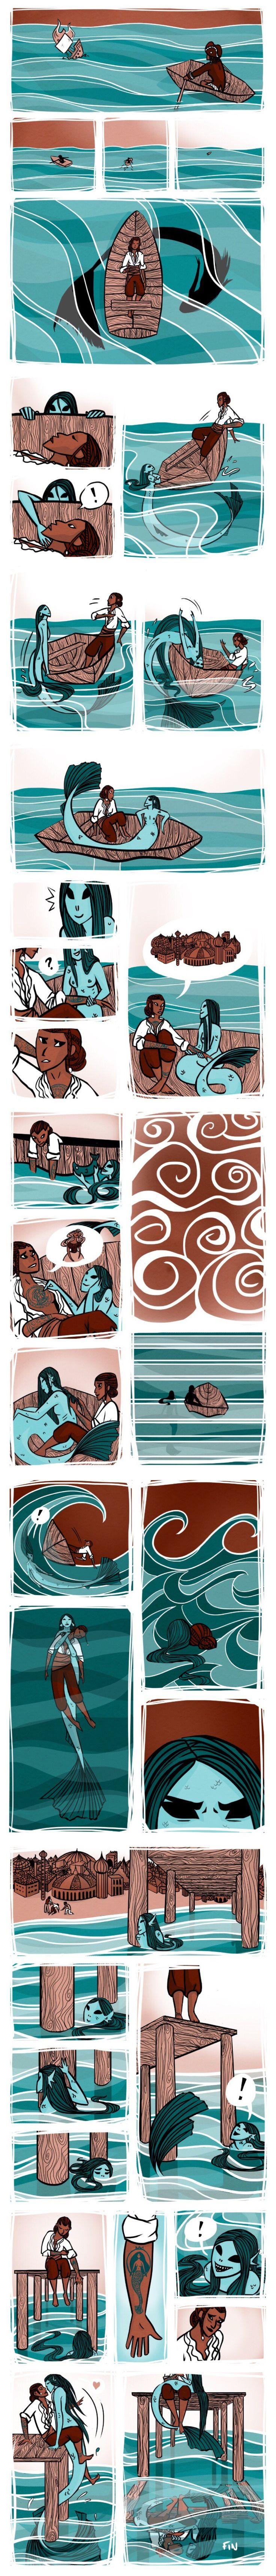 Aww, True love between man and mermaid. 🧜🏻…